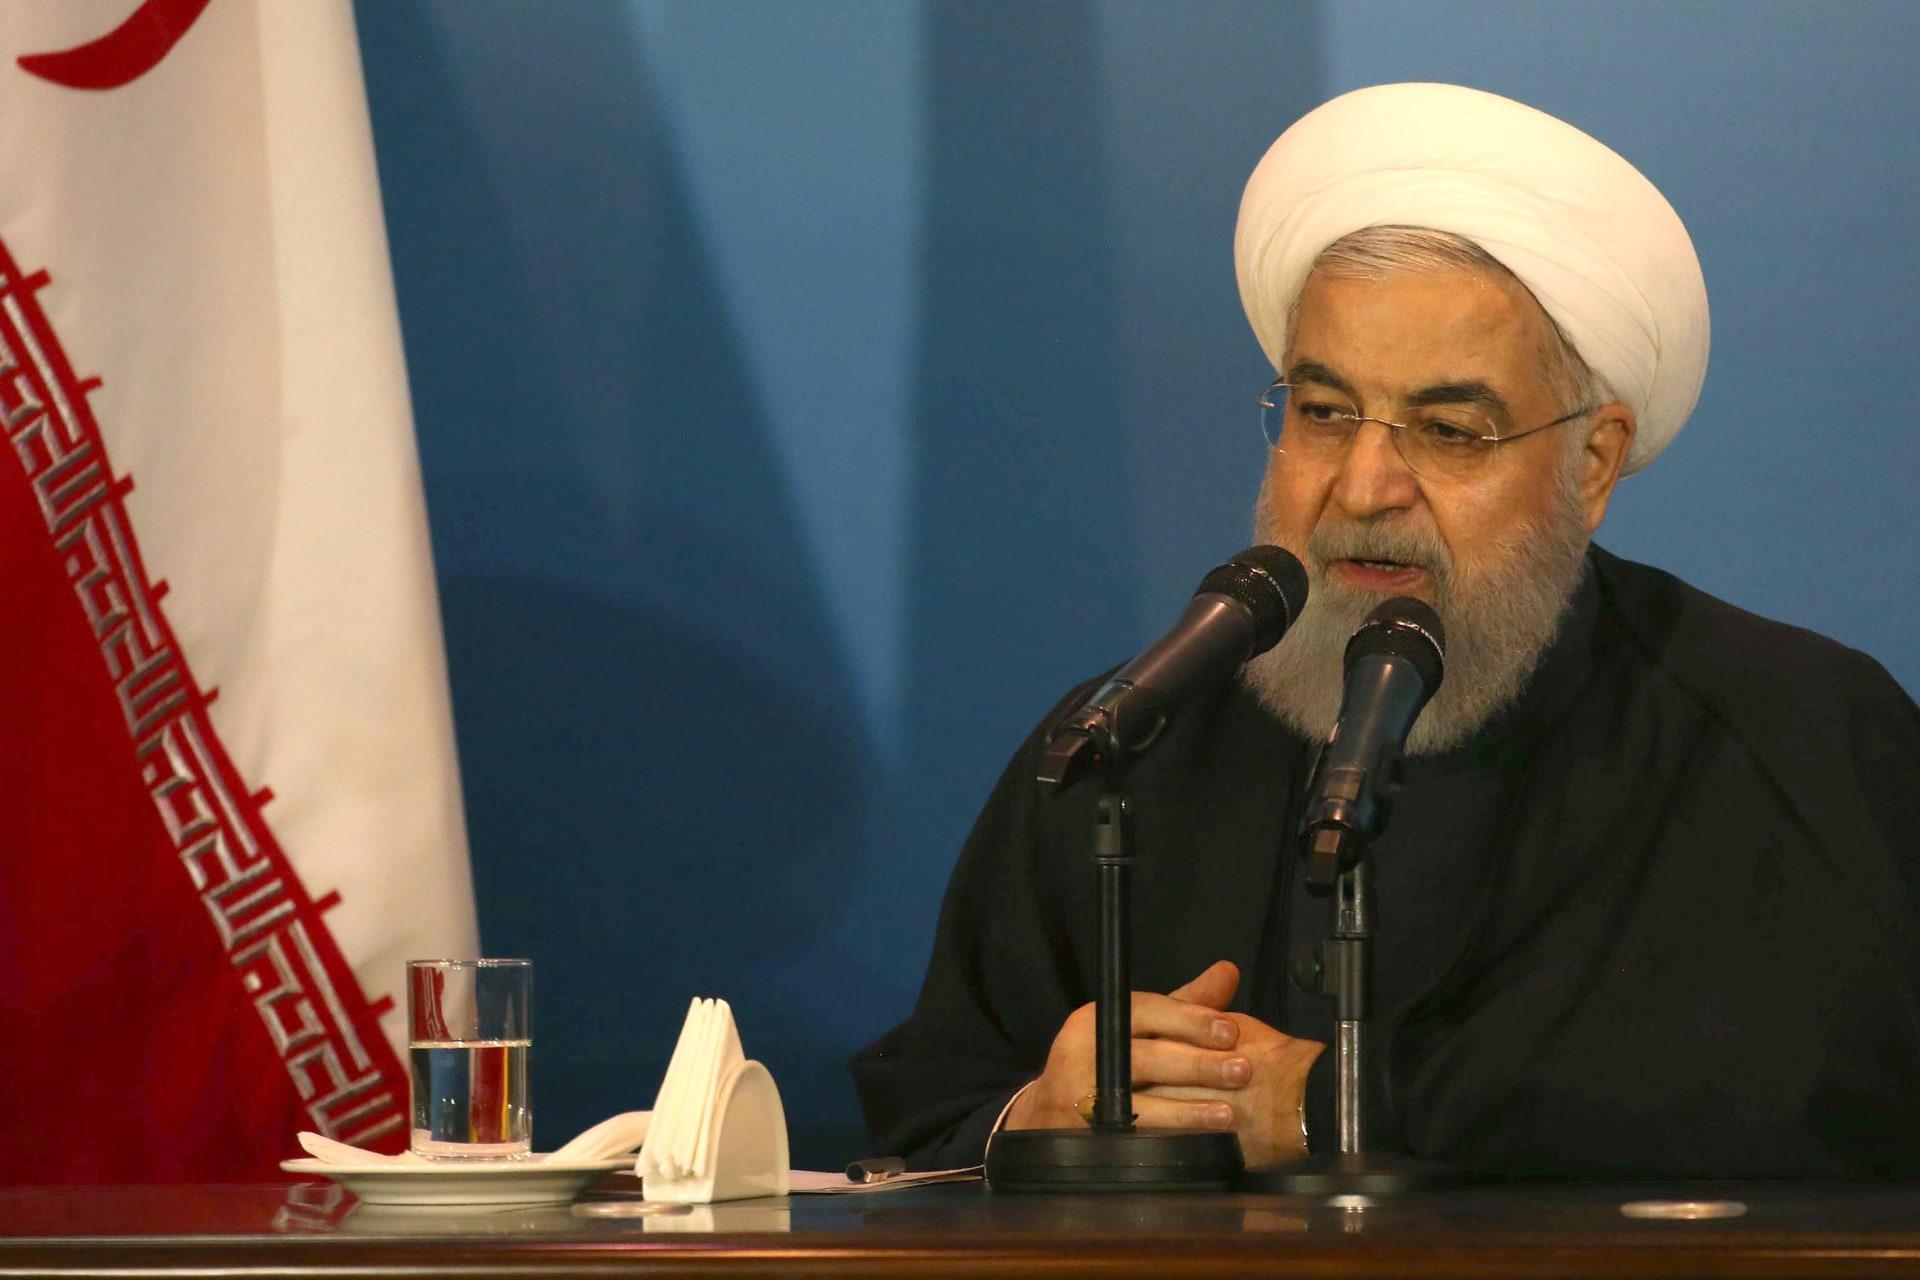 الرئيس الإيراني لأمير قطر: علاقاتنا أخوية وأثبتنا وقوفنا مع أشقائنا القطريين